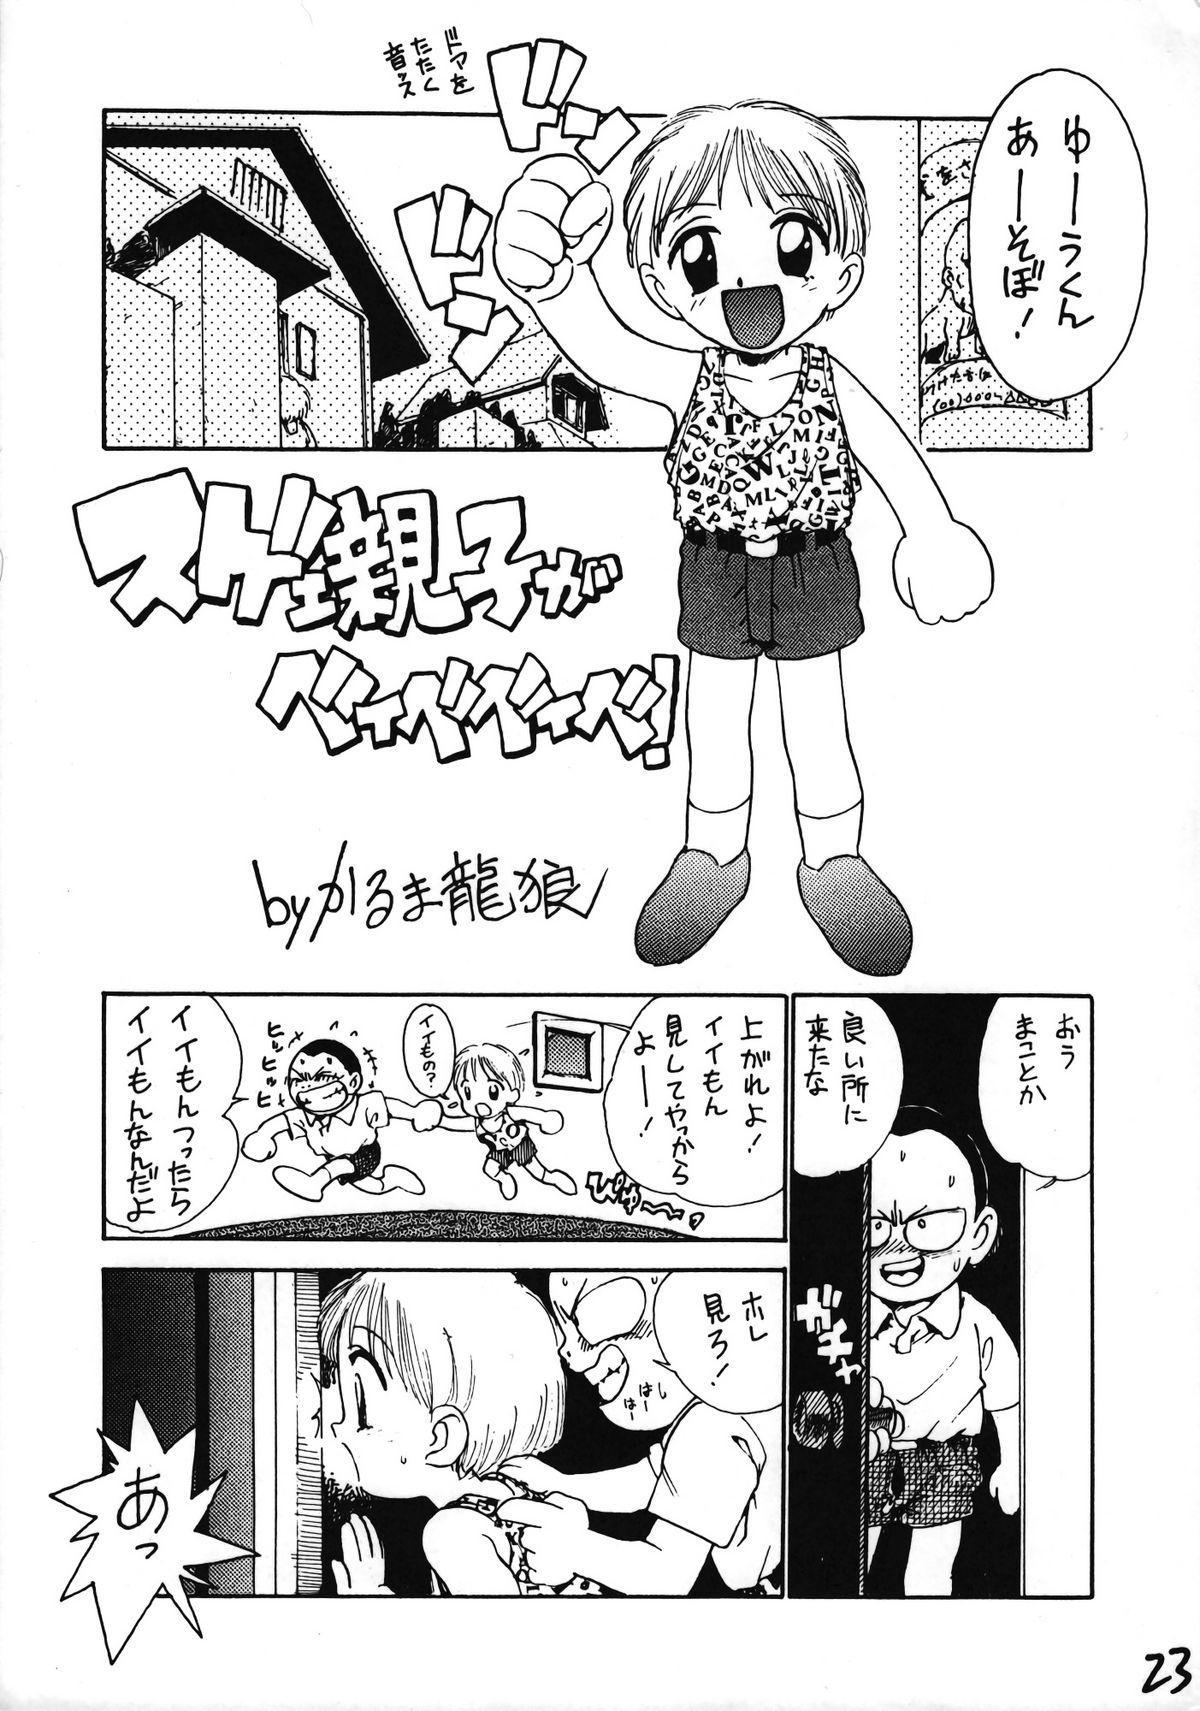 Ikenai! Otokonoko Hon Boy's H Book 2 23